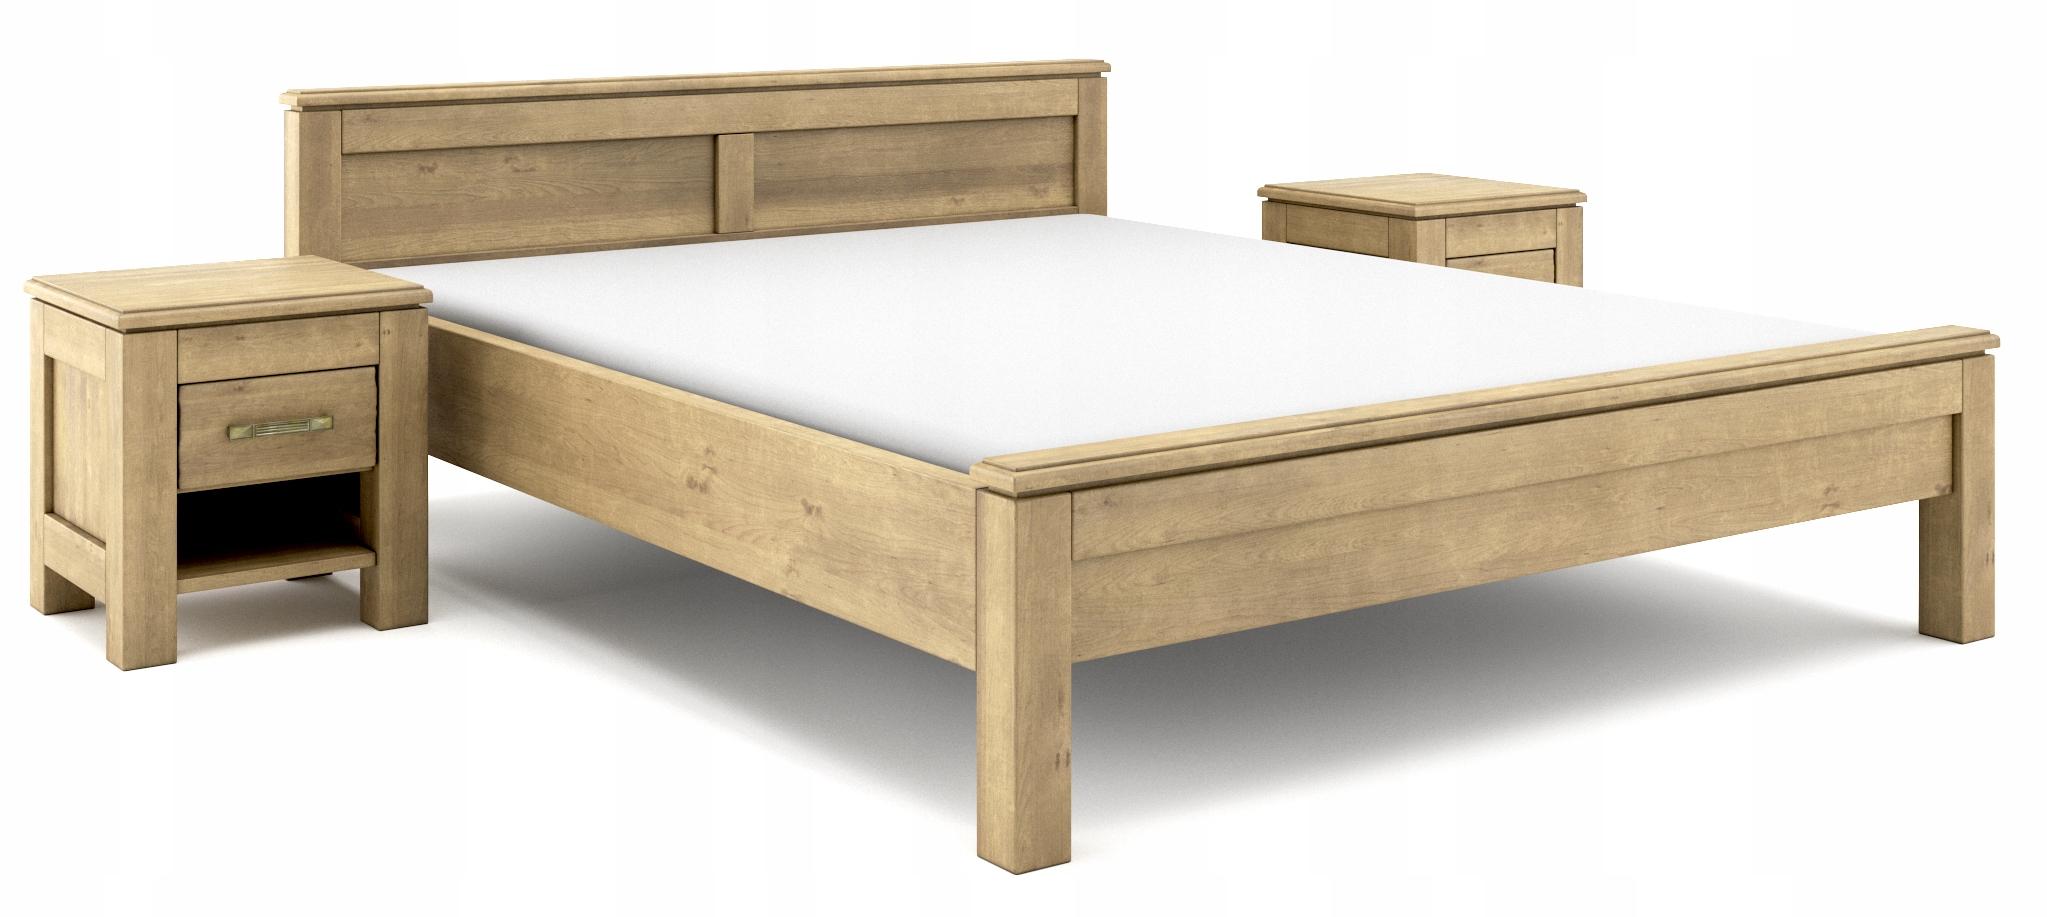 80x200 posteľ Vintage nábytok z brezy - postarzane